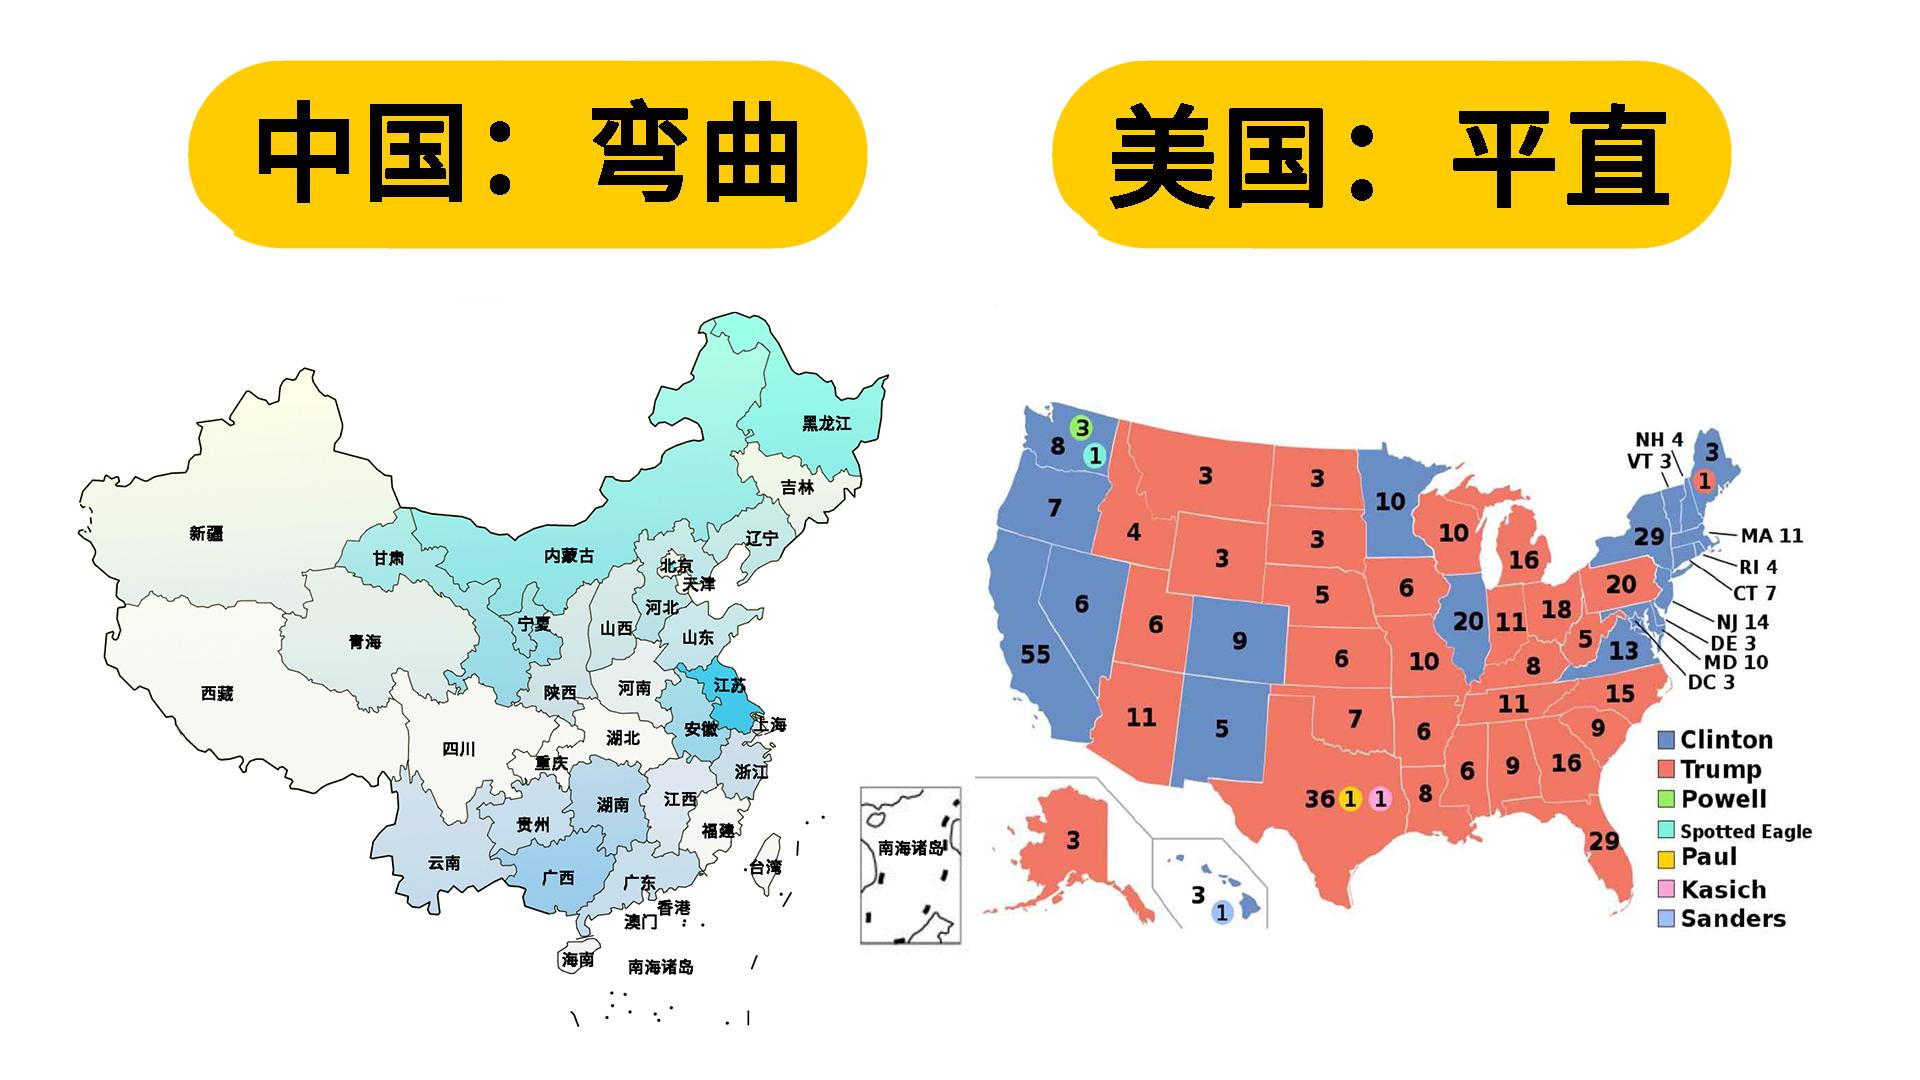 【科普】为什么中国省份划分很曲折,而美国很平直?